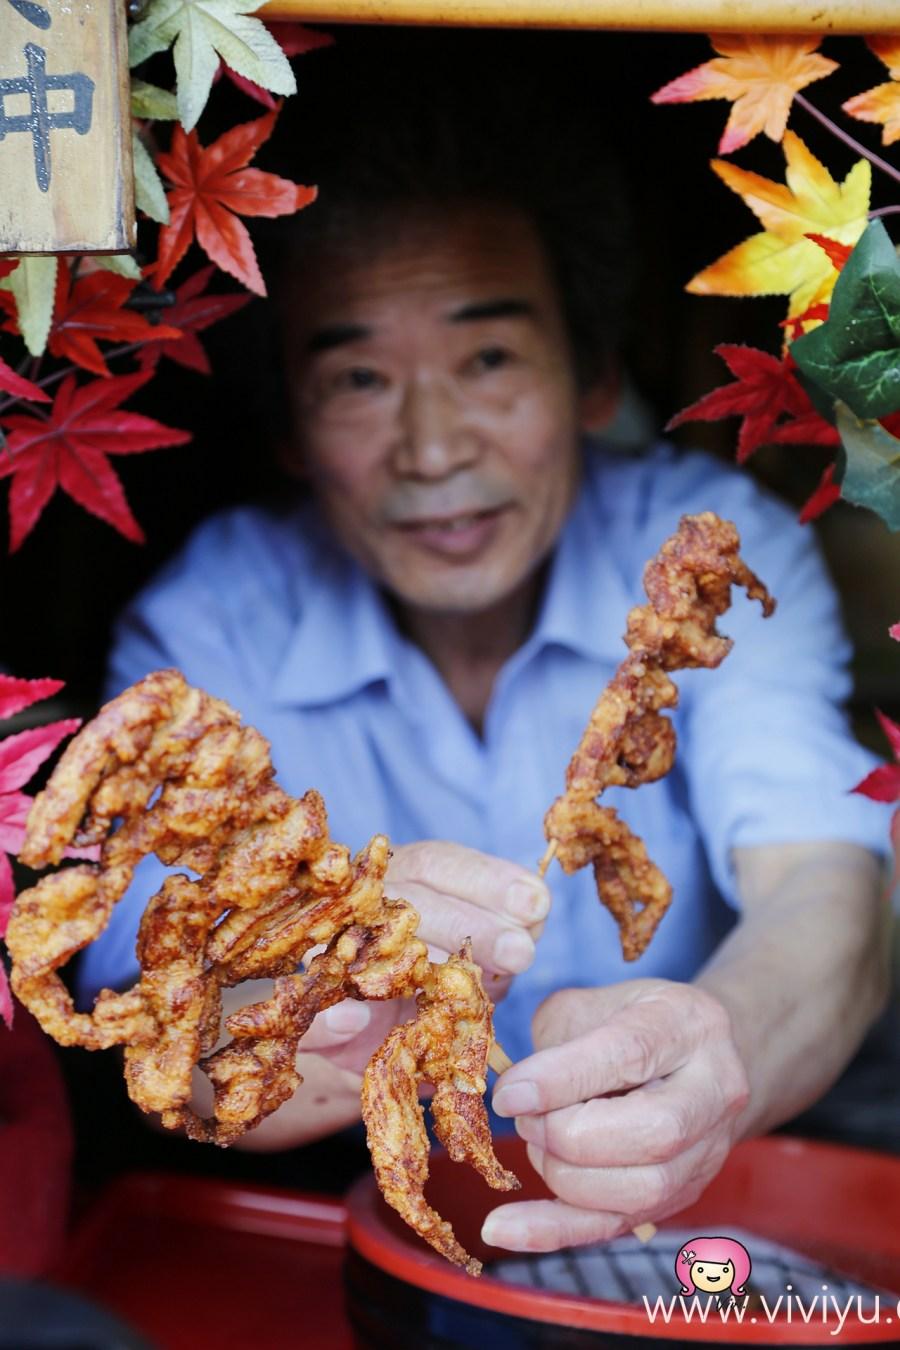 日本旅遊,昇龍軒,郡家車站,鳥取炸雞,鳥取美食,鳥取自駕遊 @VIVIYU小世界